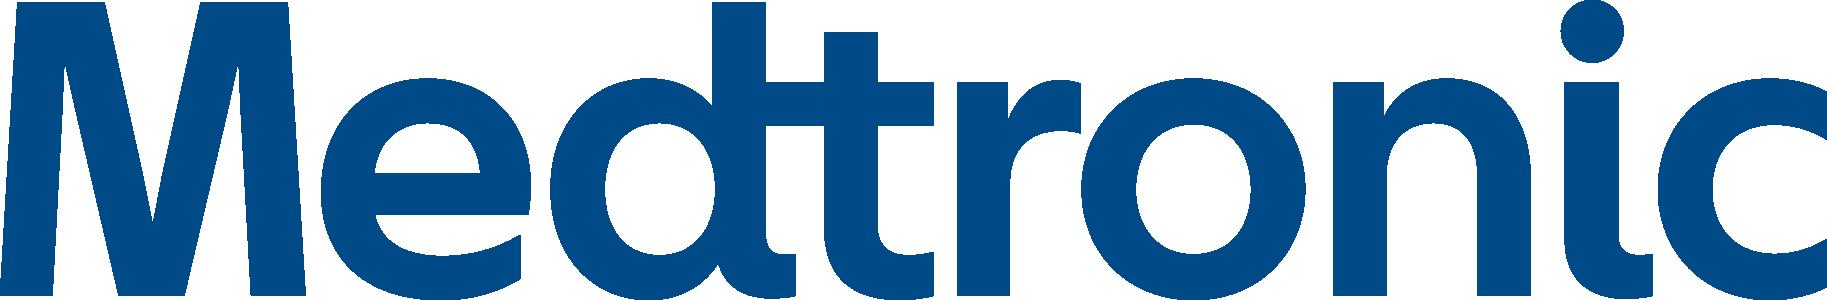 logo_rgb_png